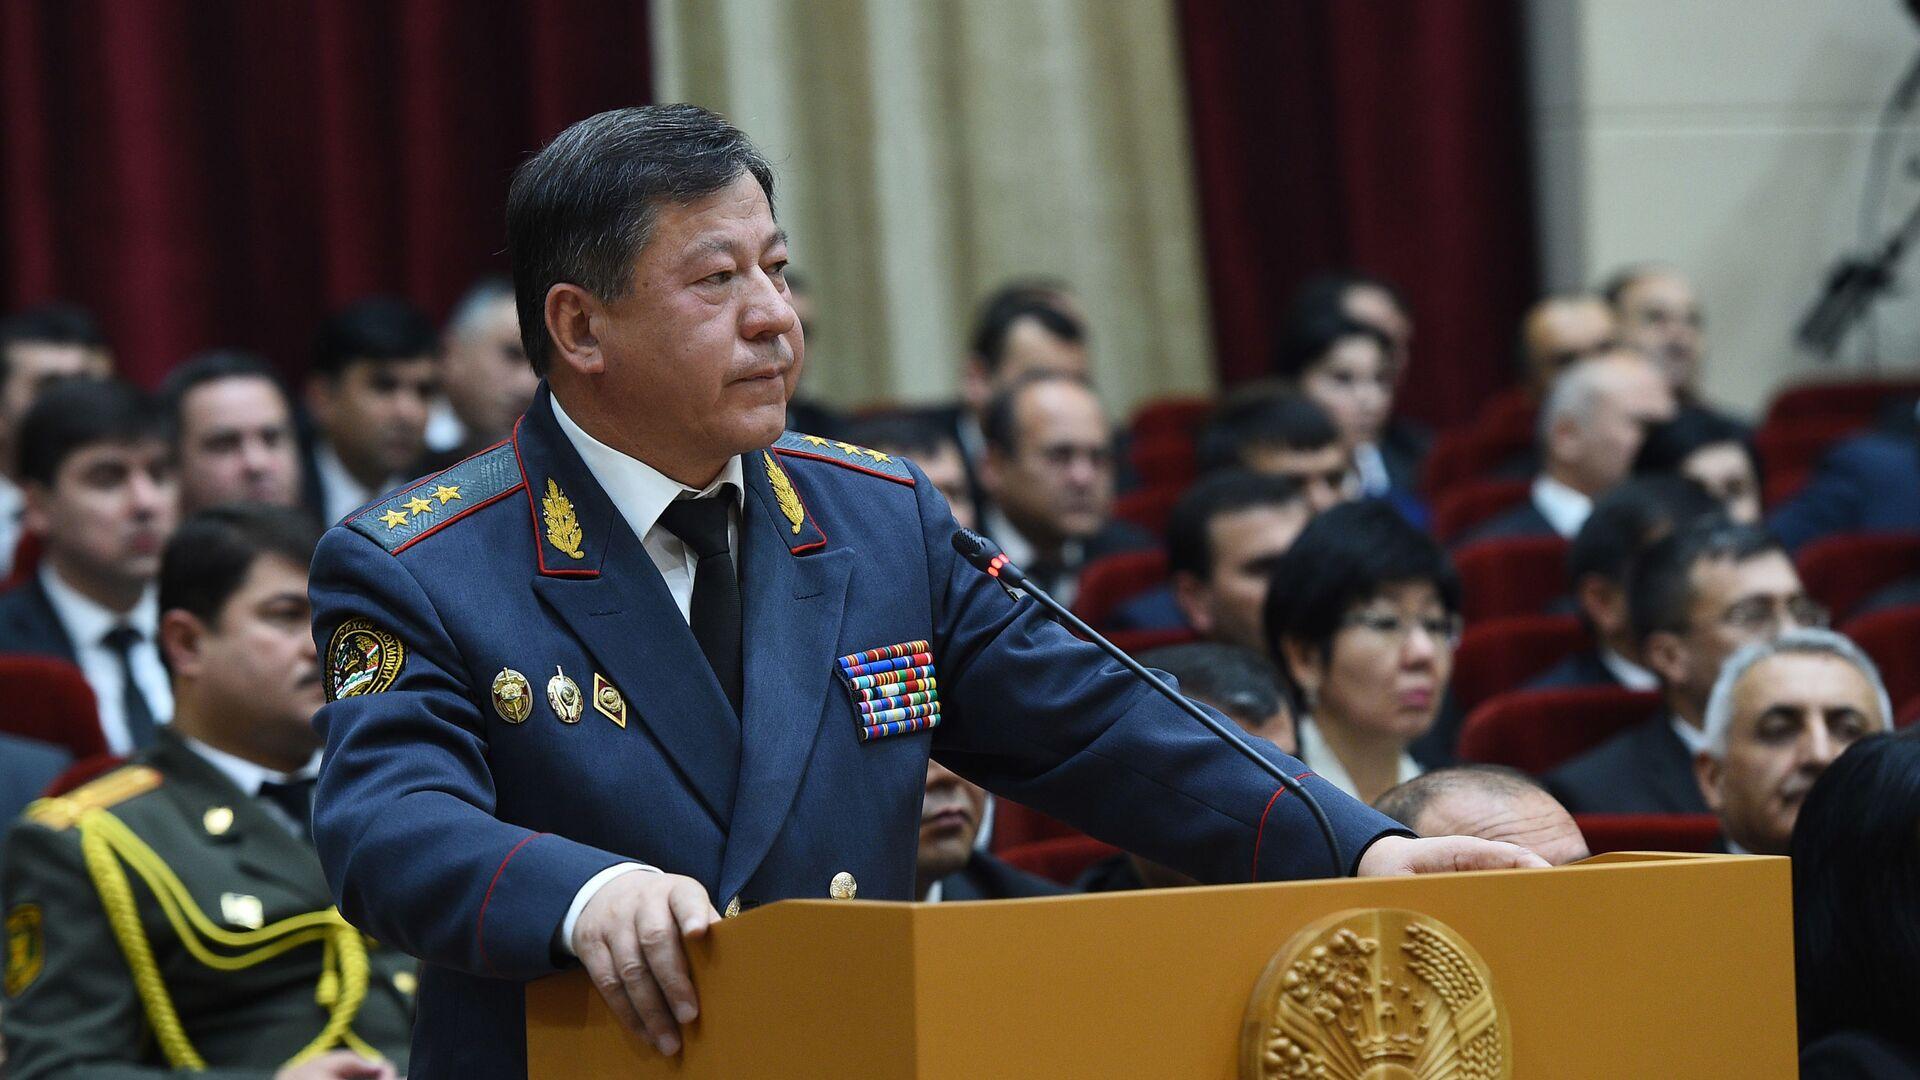 Рамазон Рахимзода, министр внутренних дел Таджикистана - Sputnik Тоҷикистон, 1920, 04.08.2021